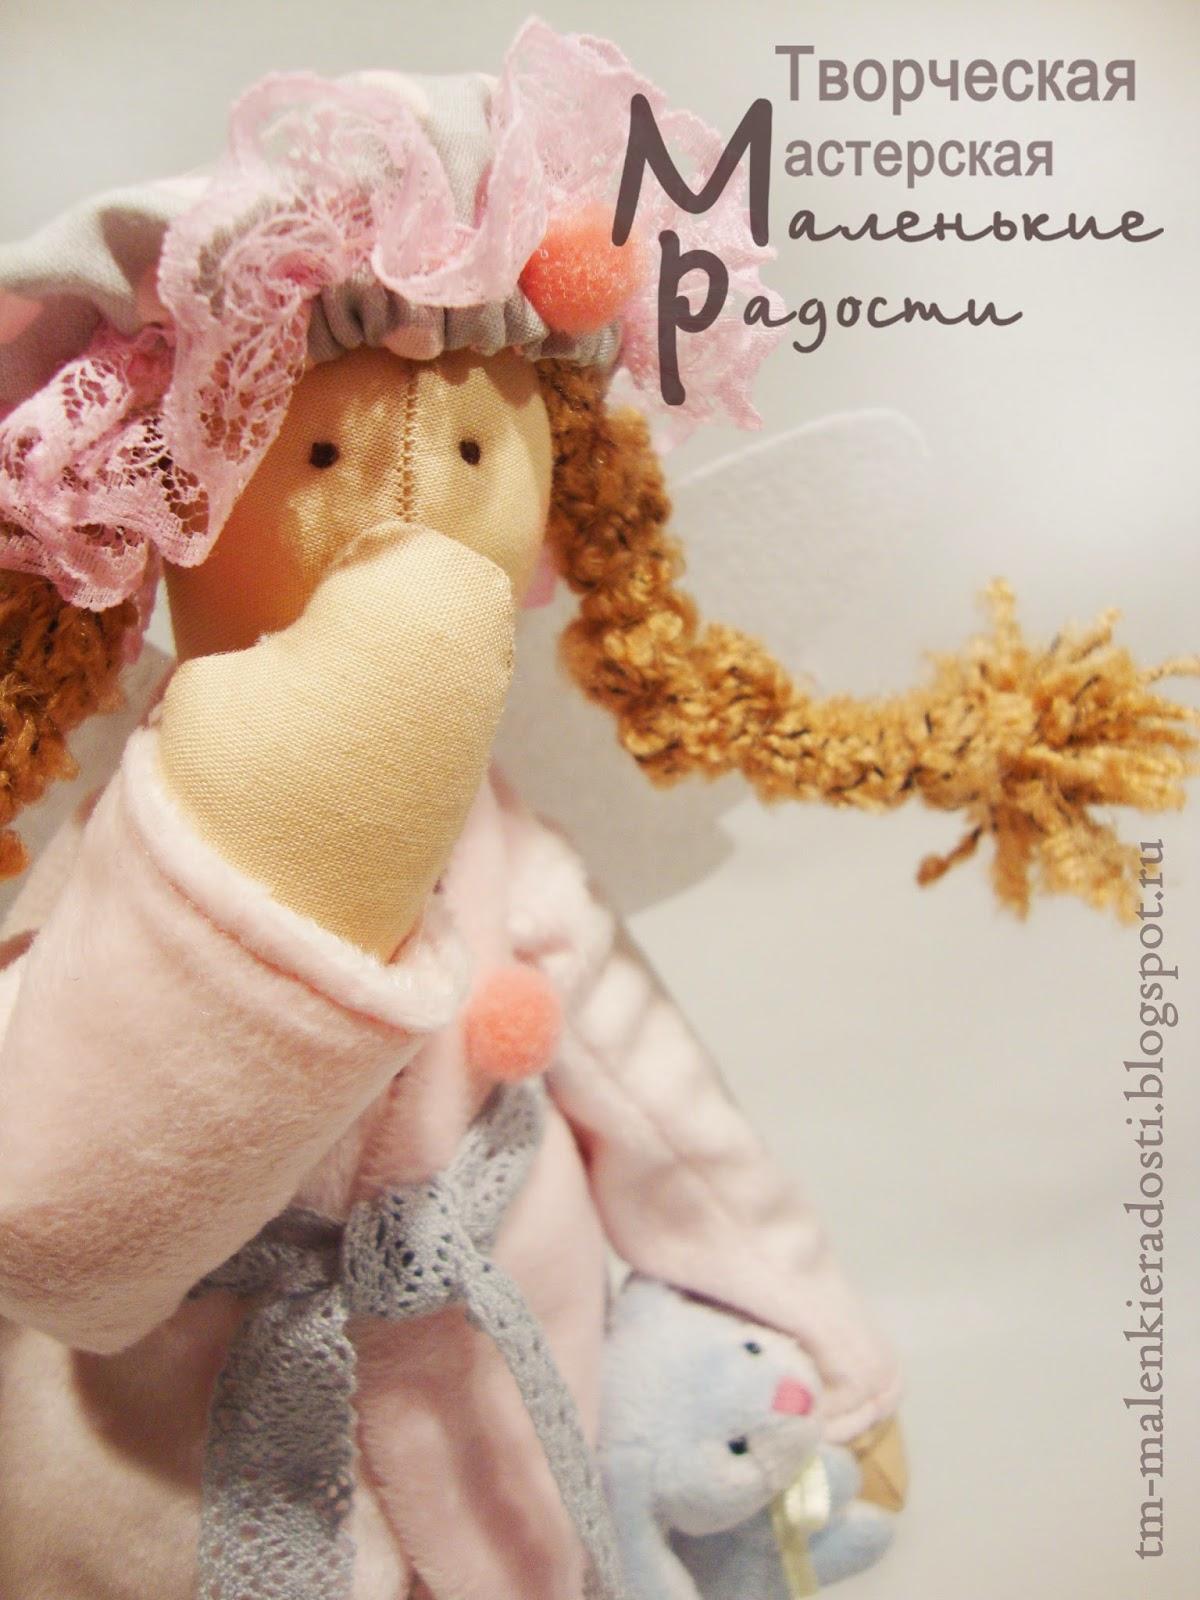 Интерьерная игрушка. Ангел Сна. Оберегает сон малышей.